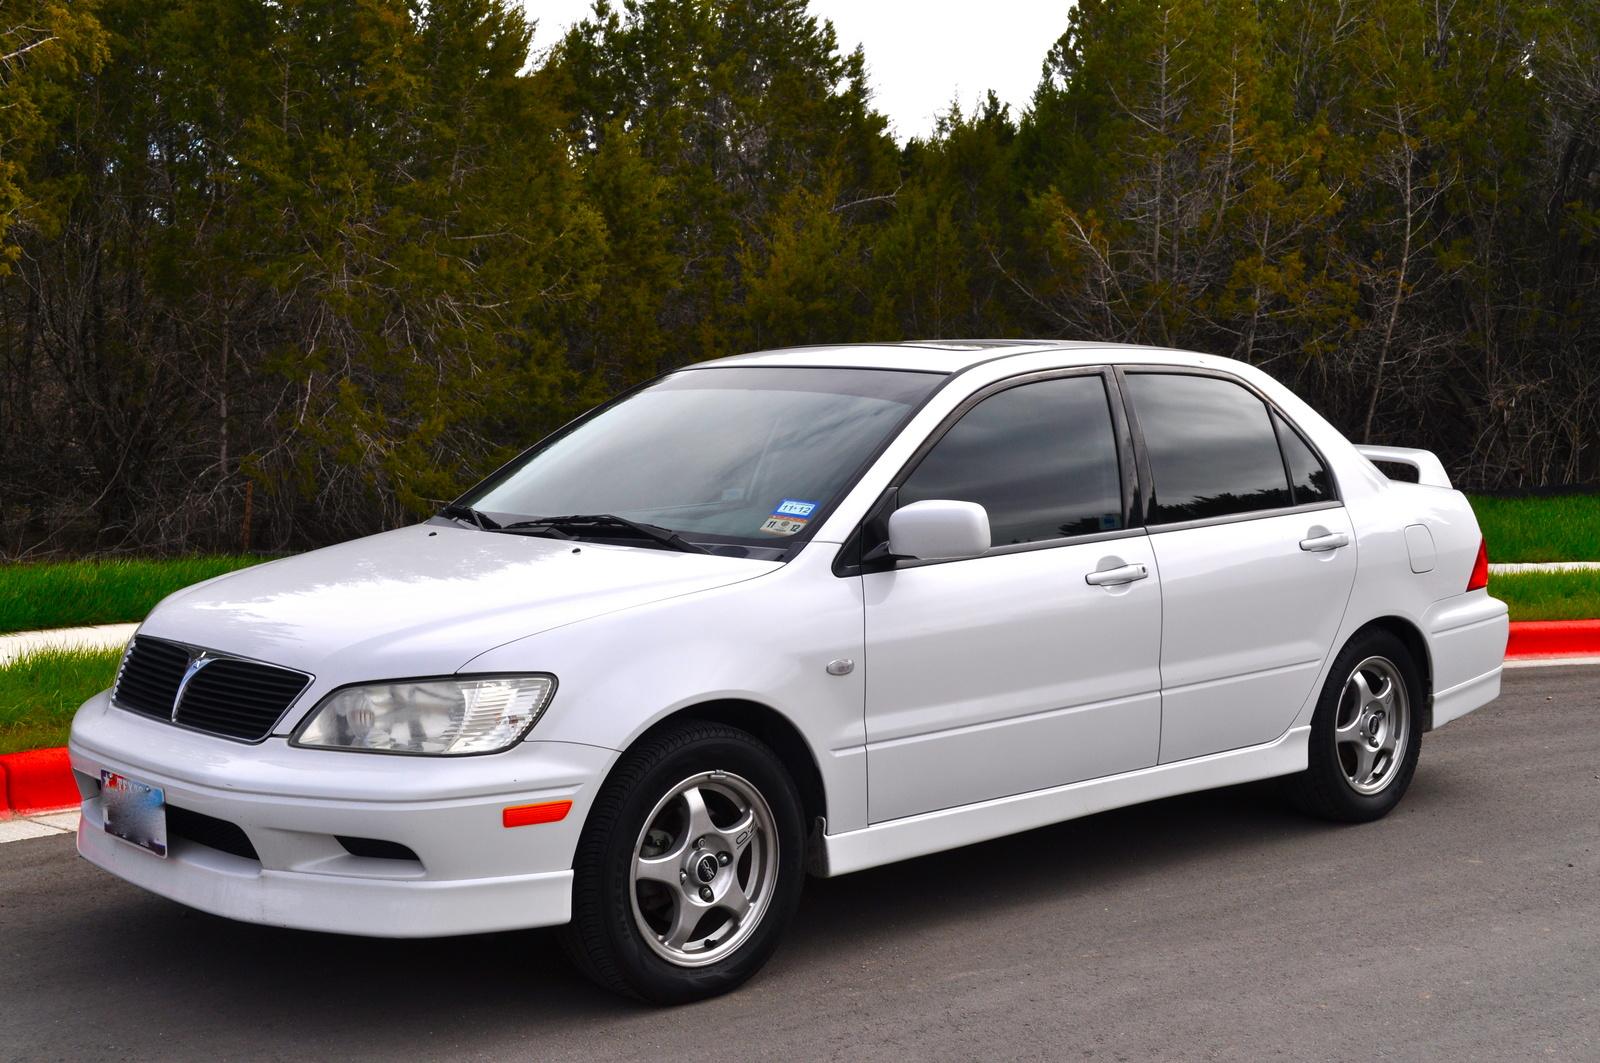 2003 Mitsubishi Lancer Exterior Pictures Cargurus